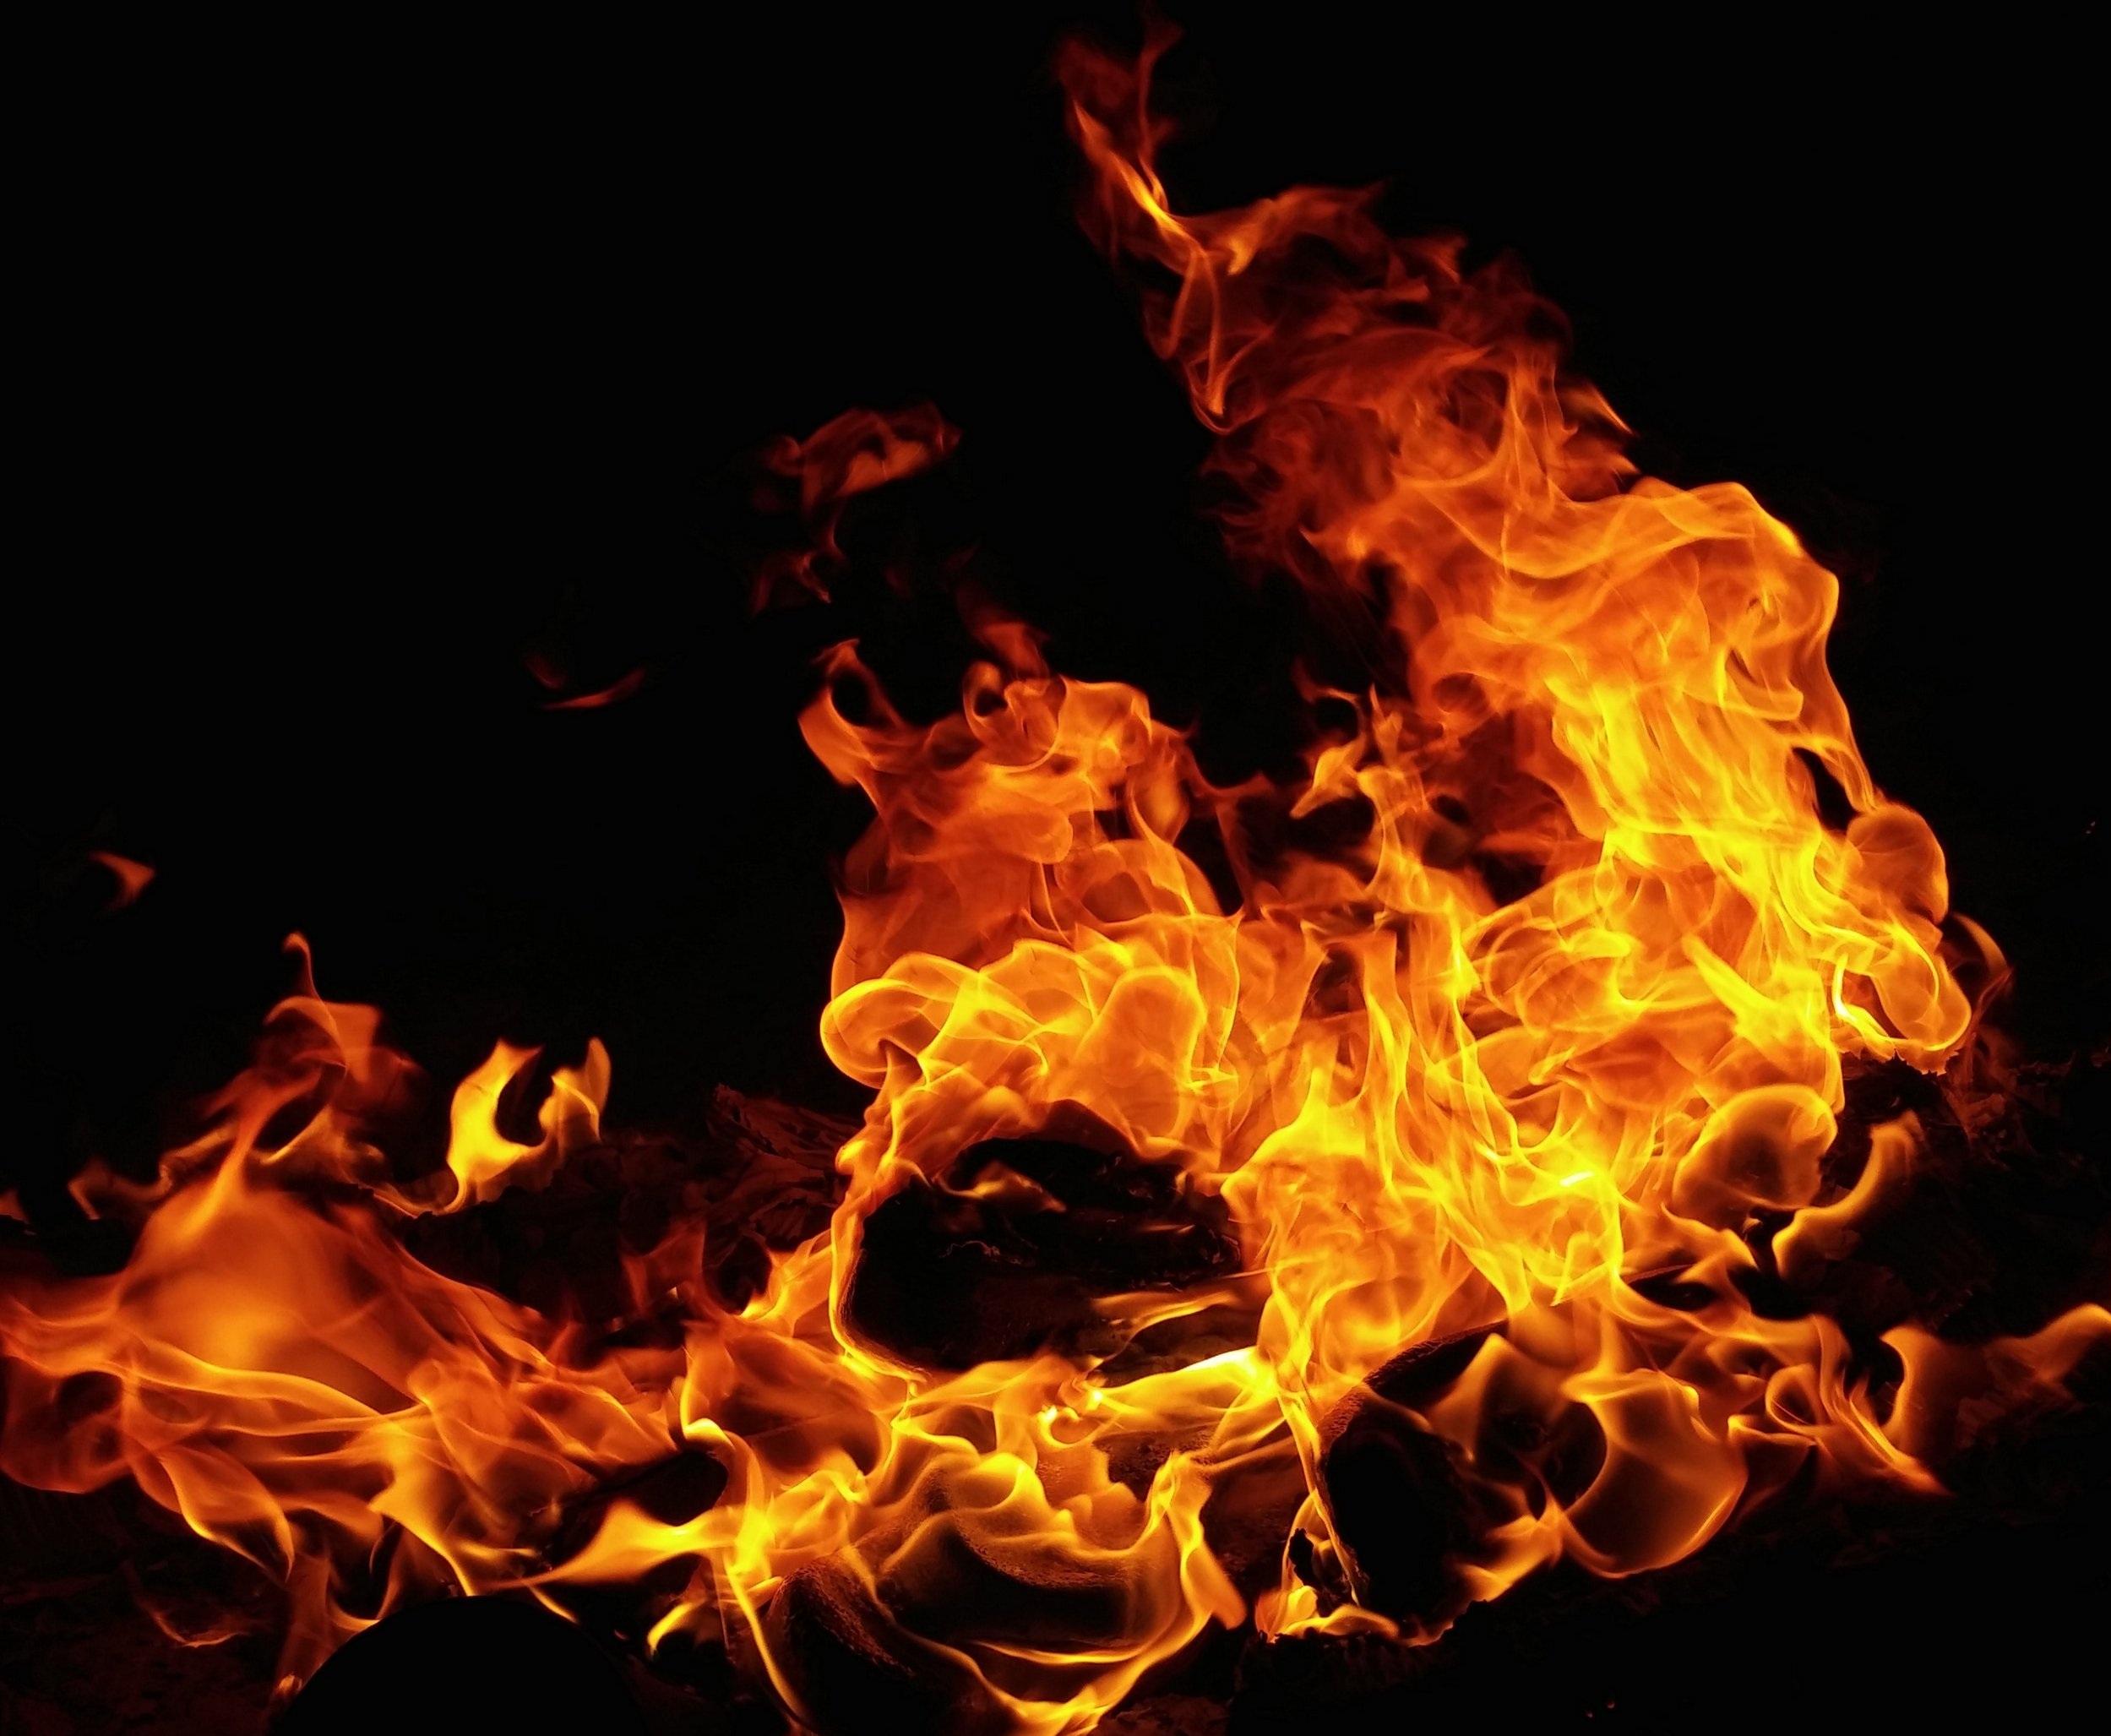 blaze-bonfire-burn-672636.jpg